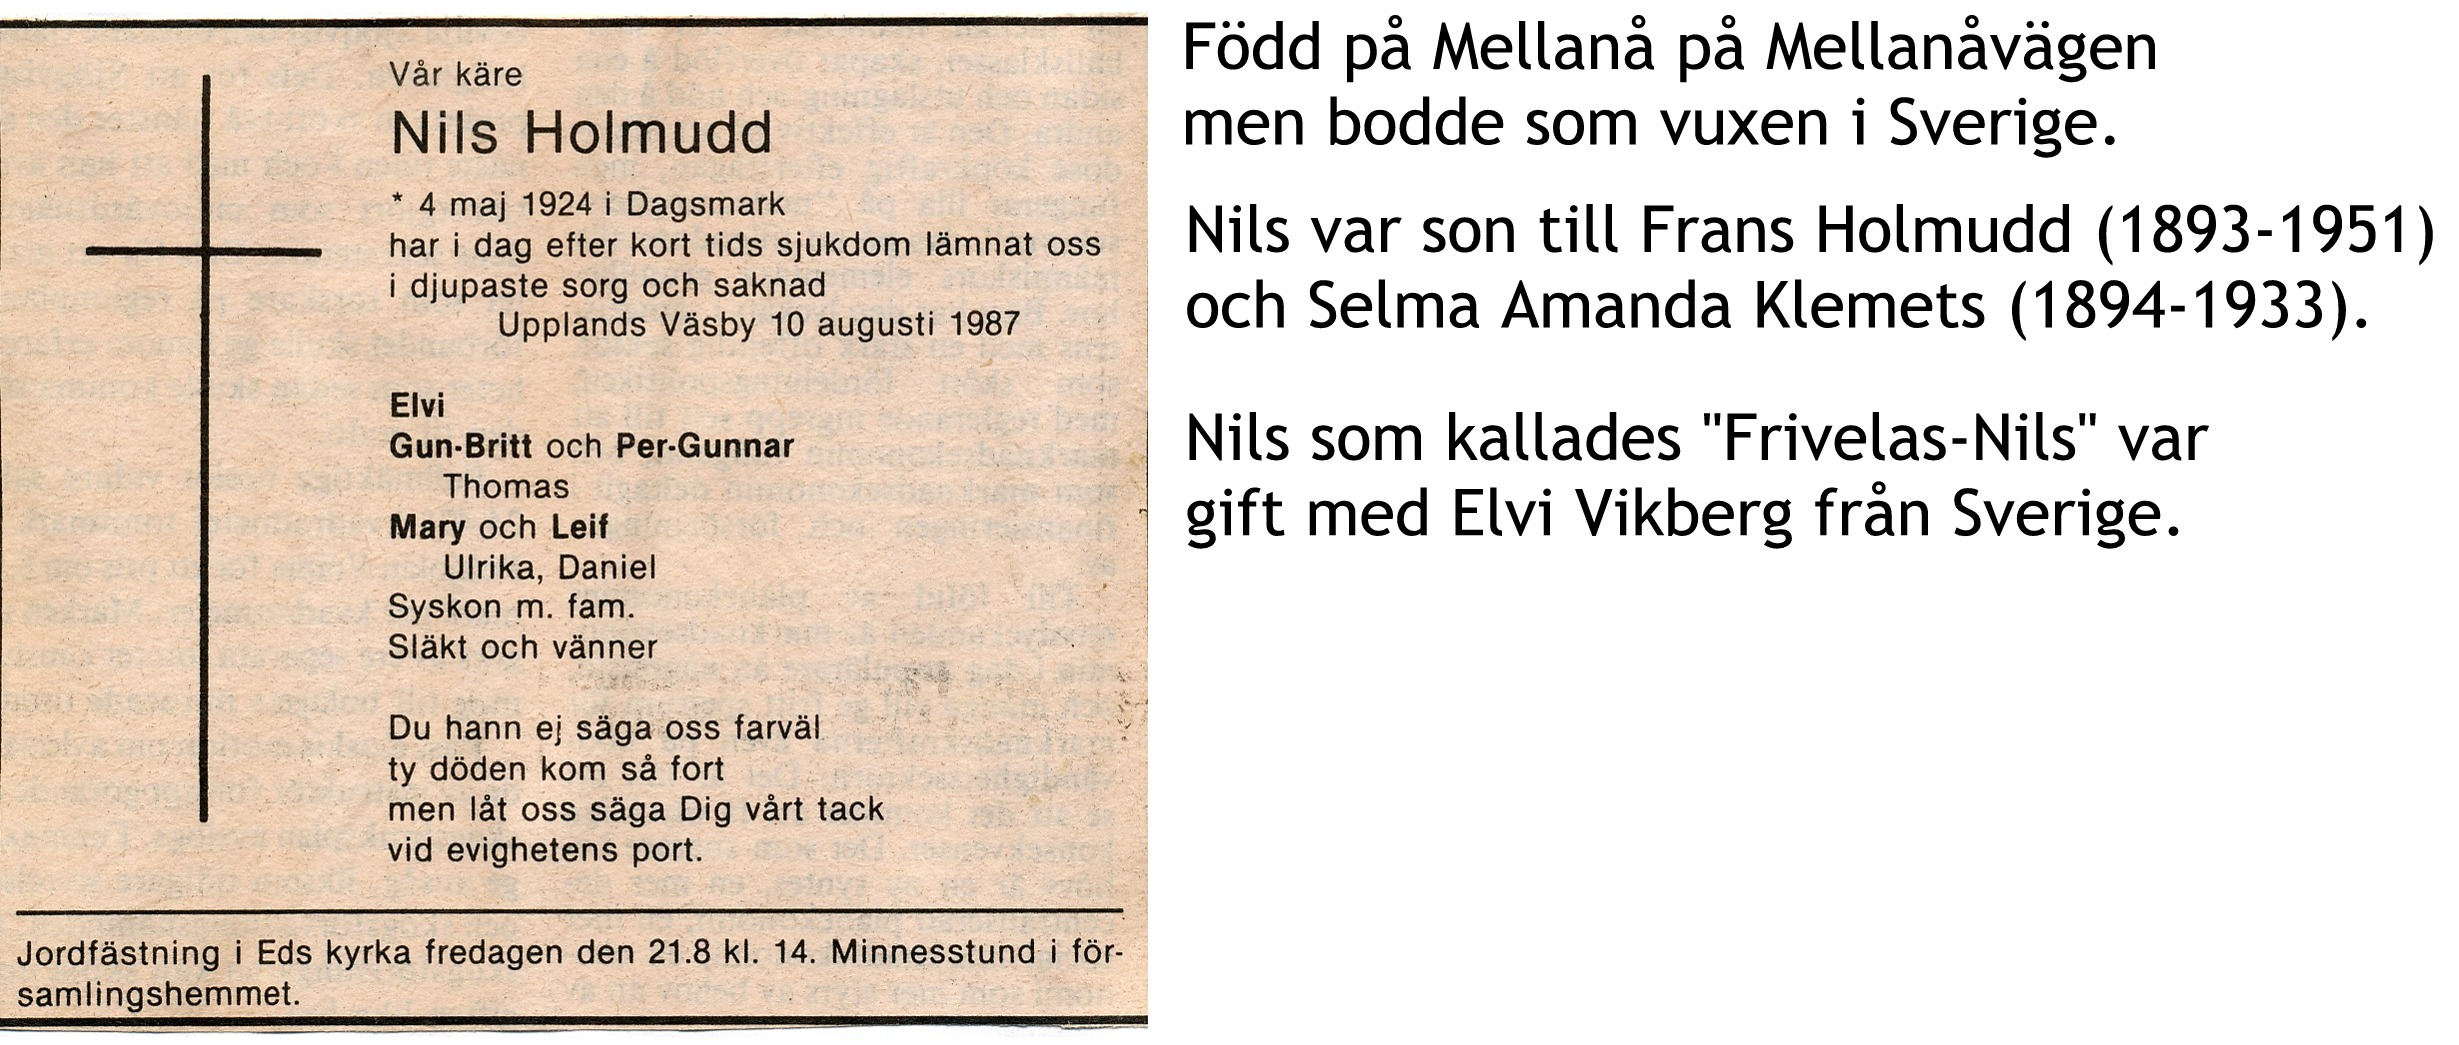 Holmudd Nils